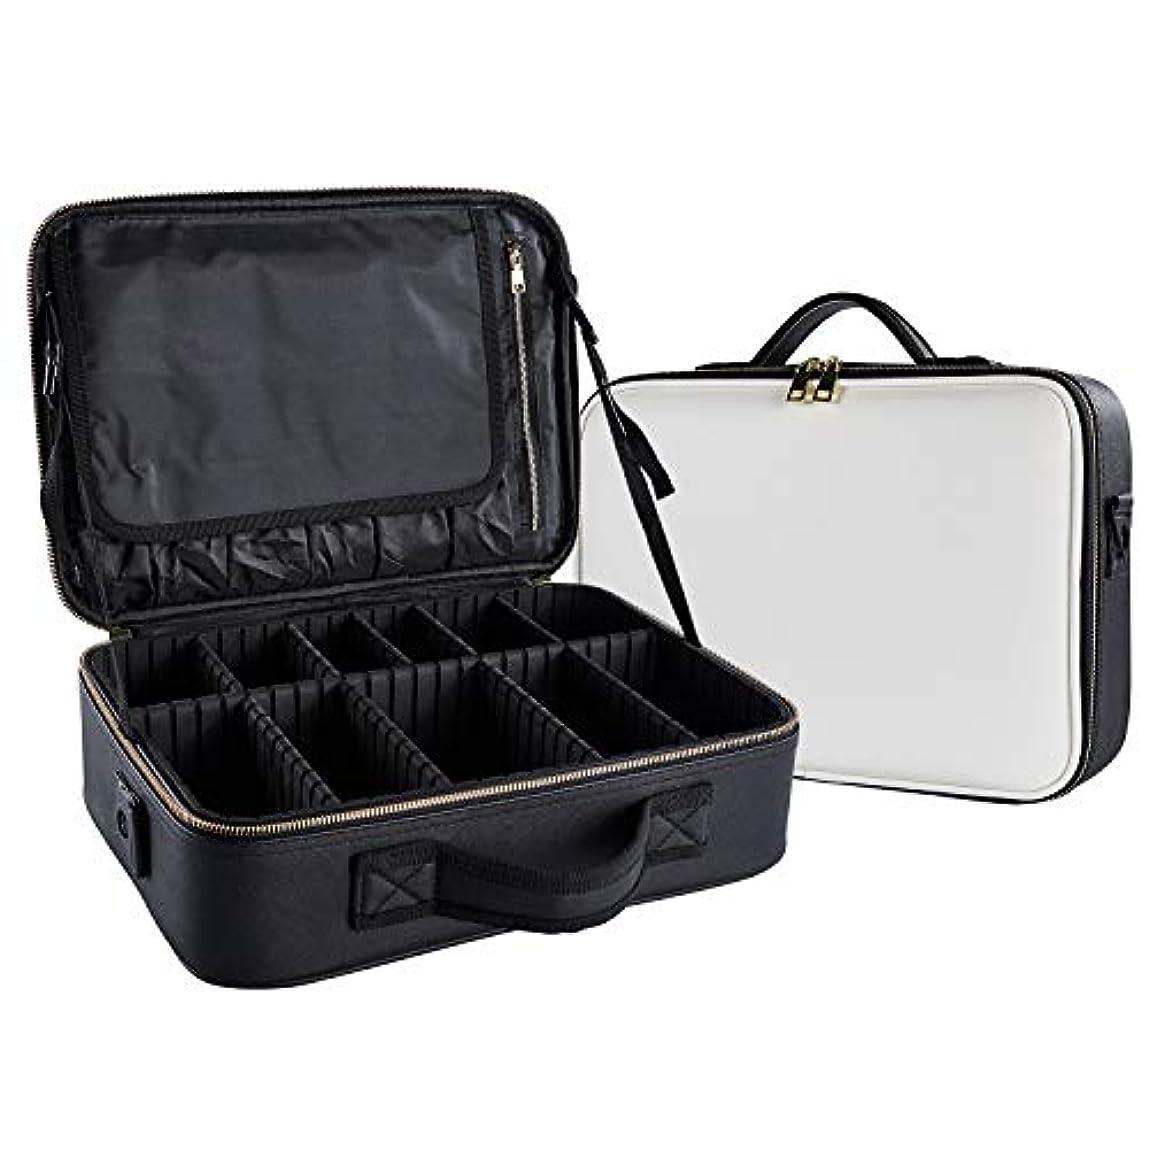 たるみ電子レンジ損なうArcEnCiel メイクボックス プロ用 化粧道具 コスメ収納 化粧箱 收納抜群 大容量 メイクアップ ボックス